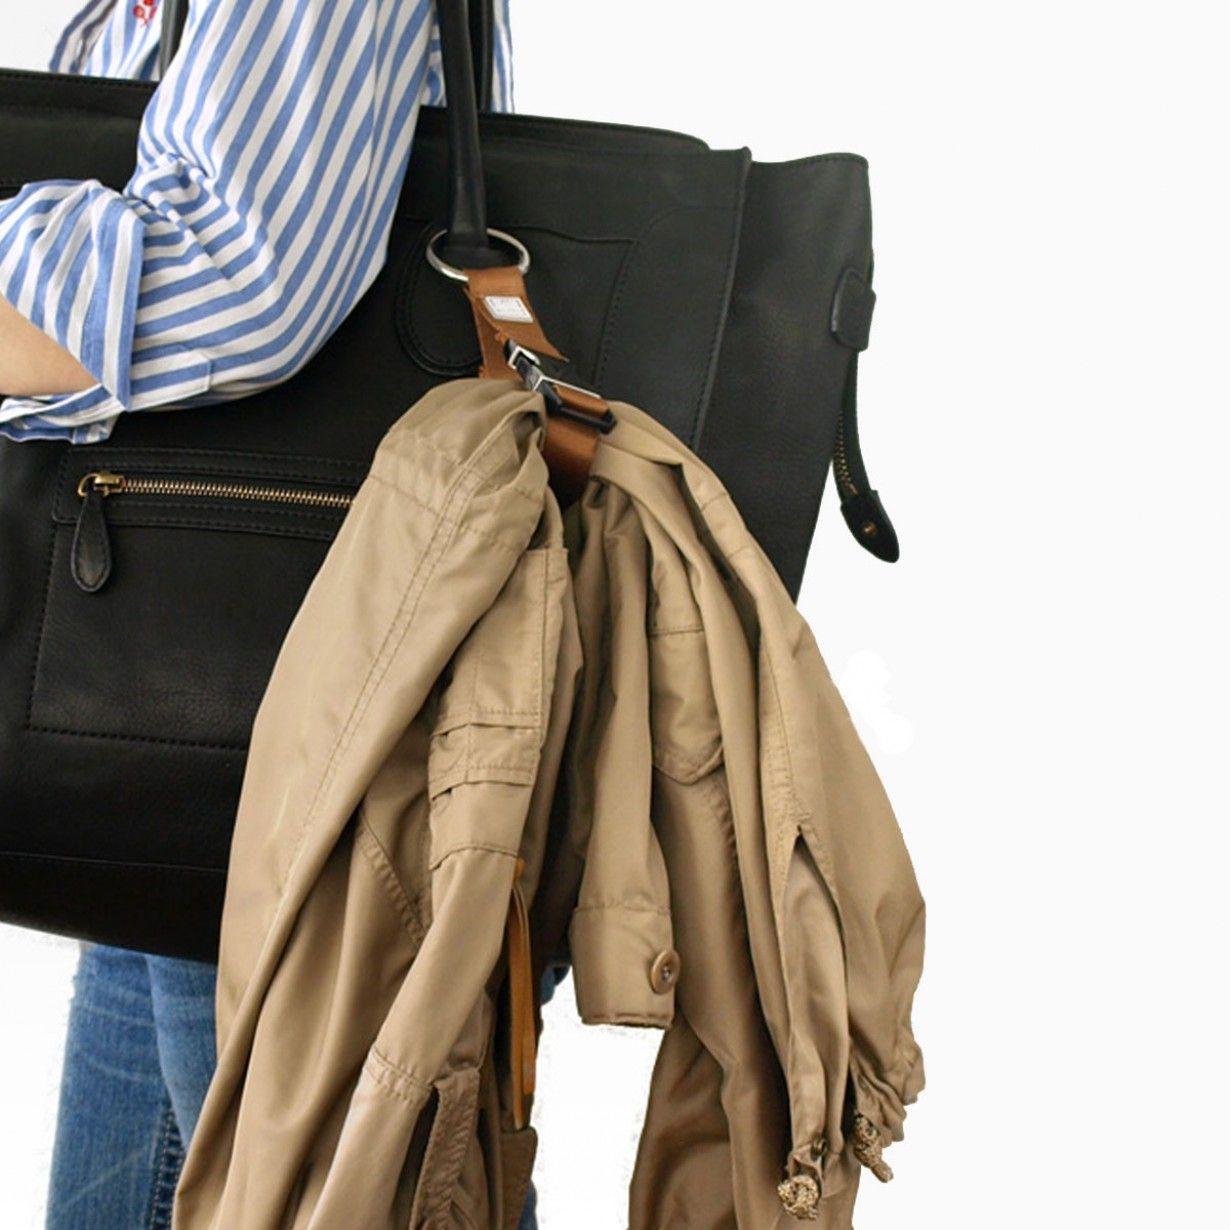 Jackenhalter für die Tasche | Radbag | Nähen / Ideen | Pinterest